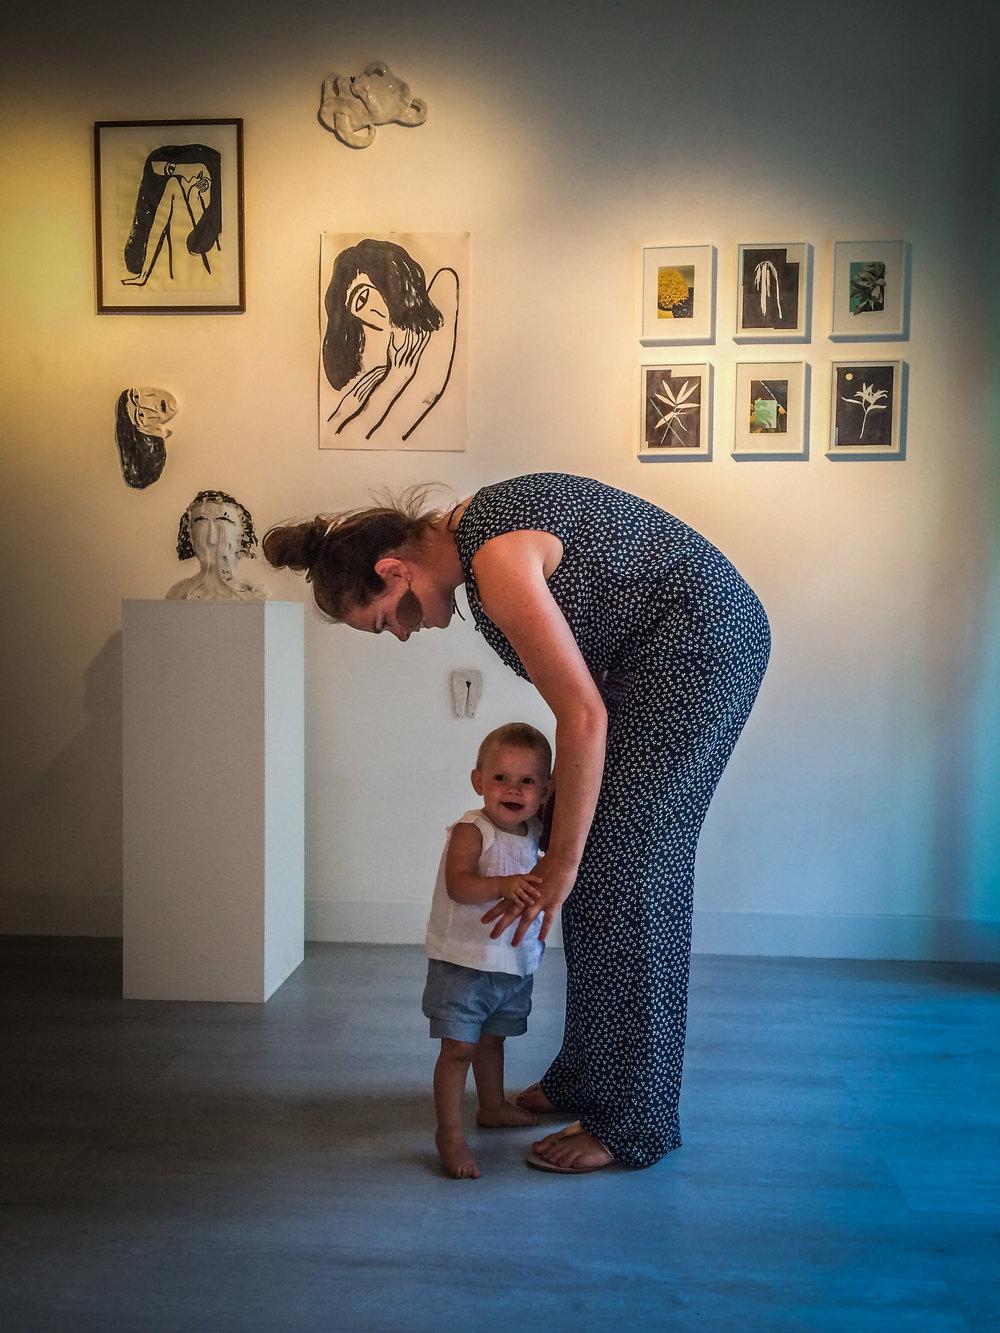 Milaan- Brera- navigli - duomo - Reizen met kinderen - withkidsontheroad-22.jpg